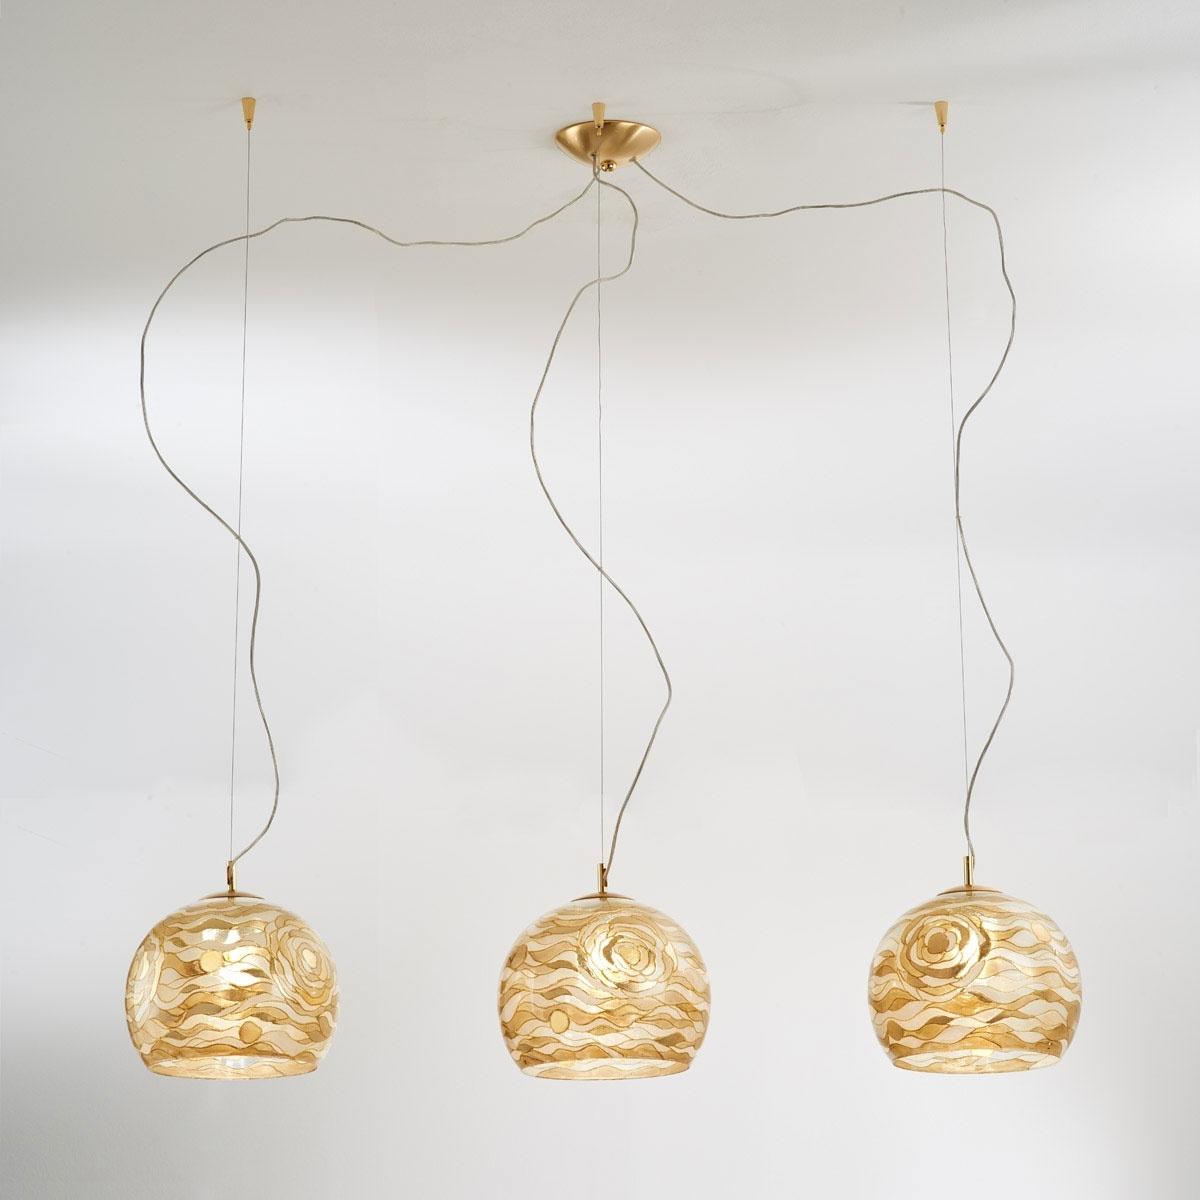 kolarz-pendelleuchte-luna-pl-beige-gold-glas-metall-0392-33-3-aq-ch